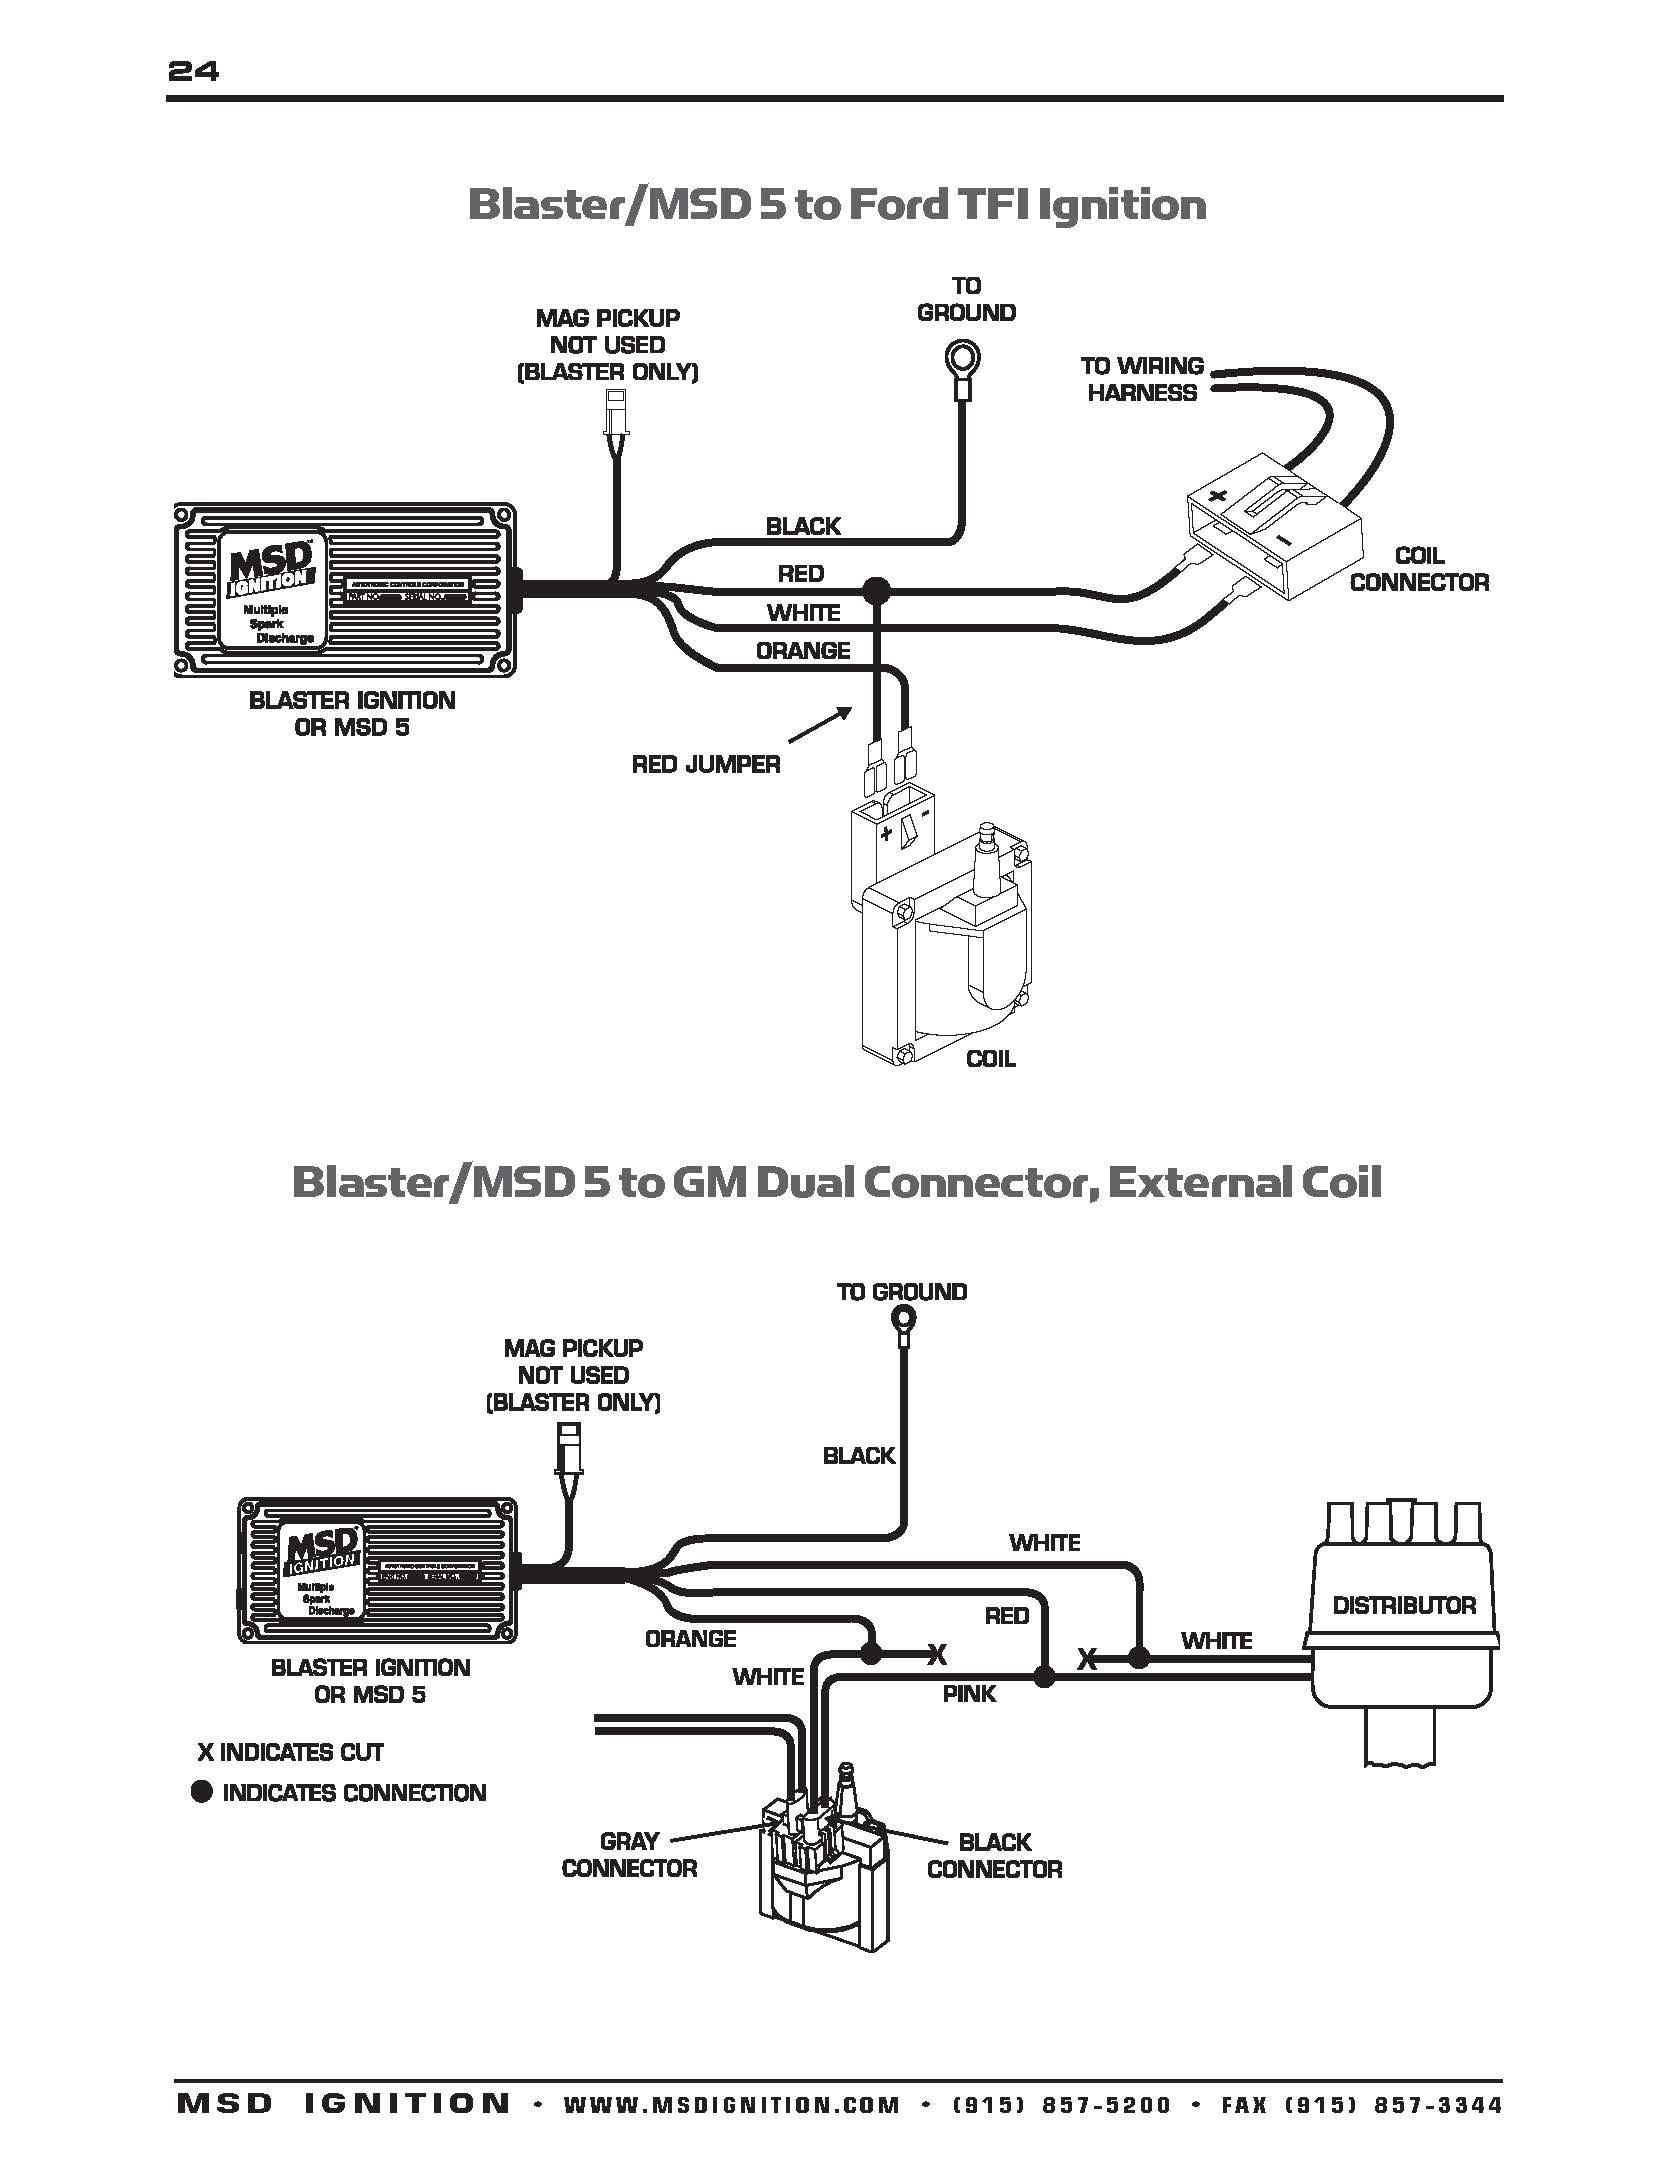 Msd 5 Wiring Diagram - Wiring Diagrams Hubs - Msd Ignition Wiring Diagram